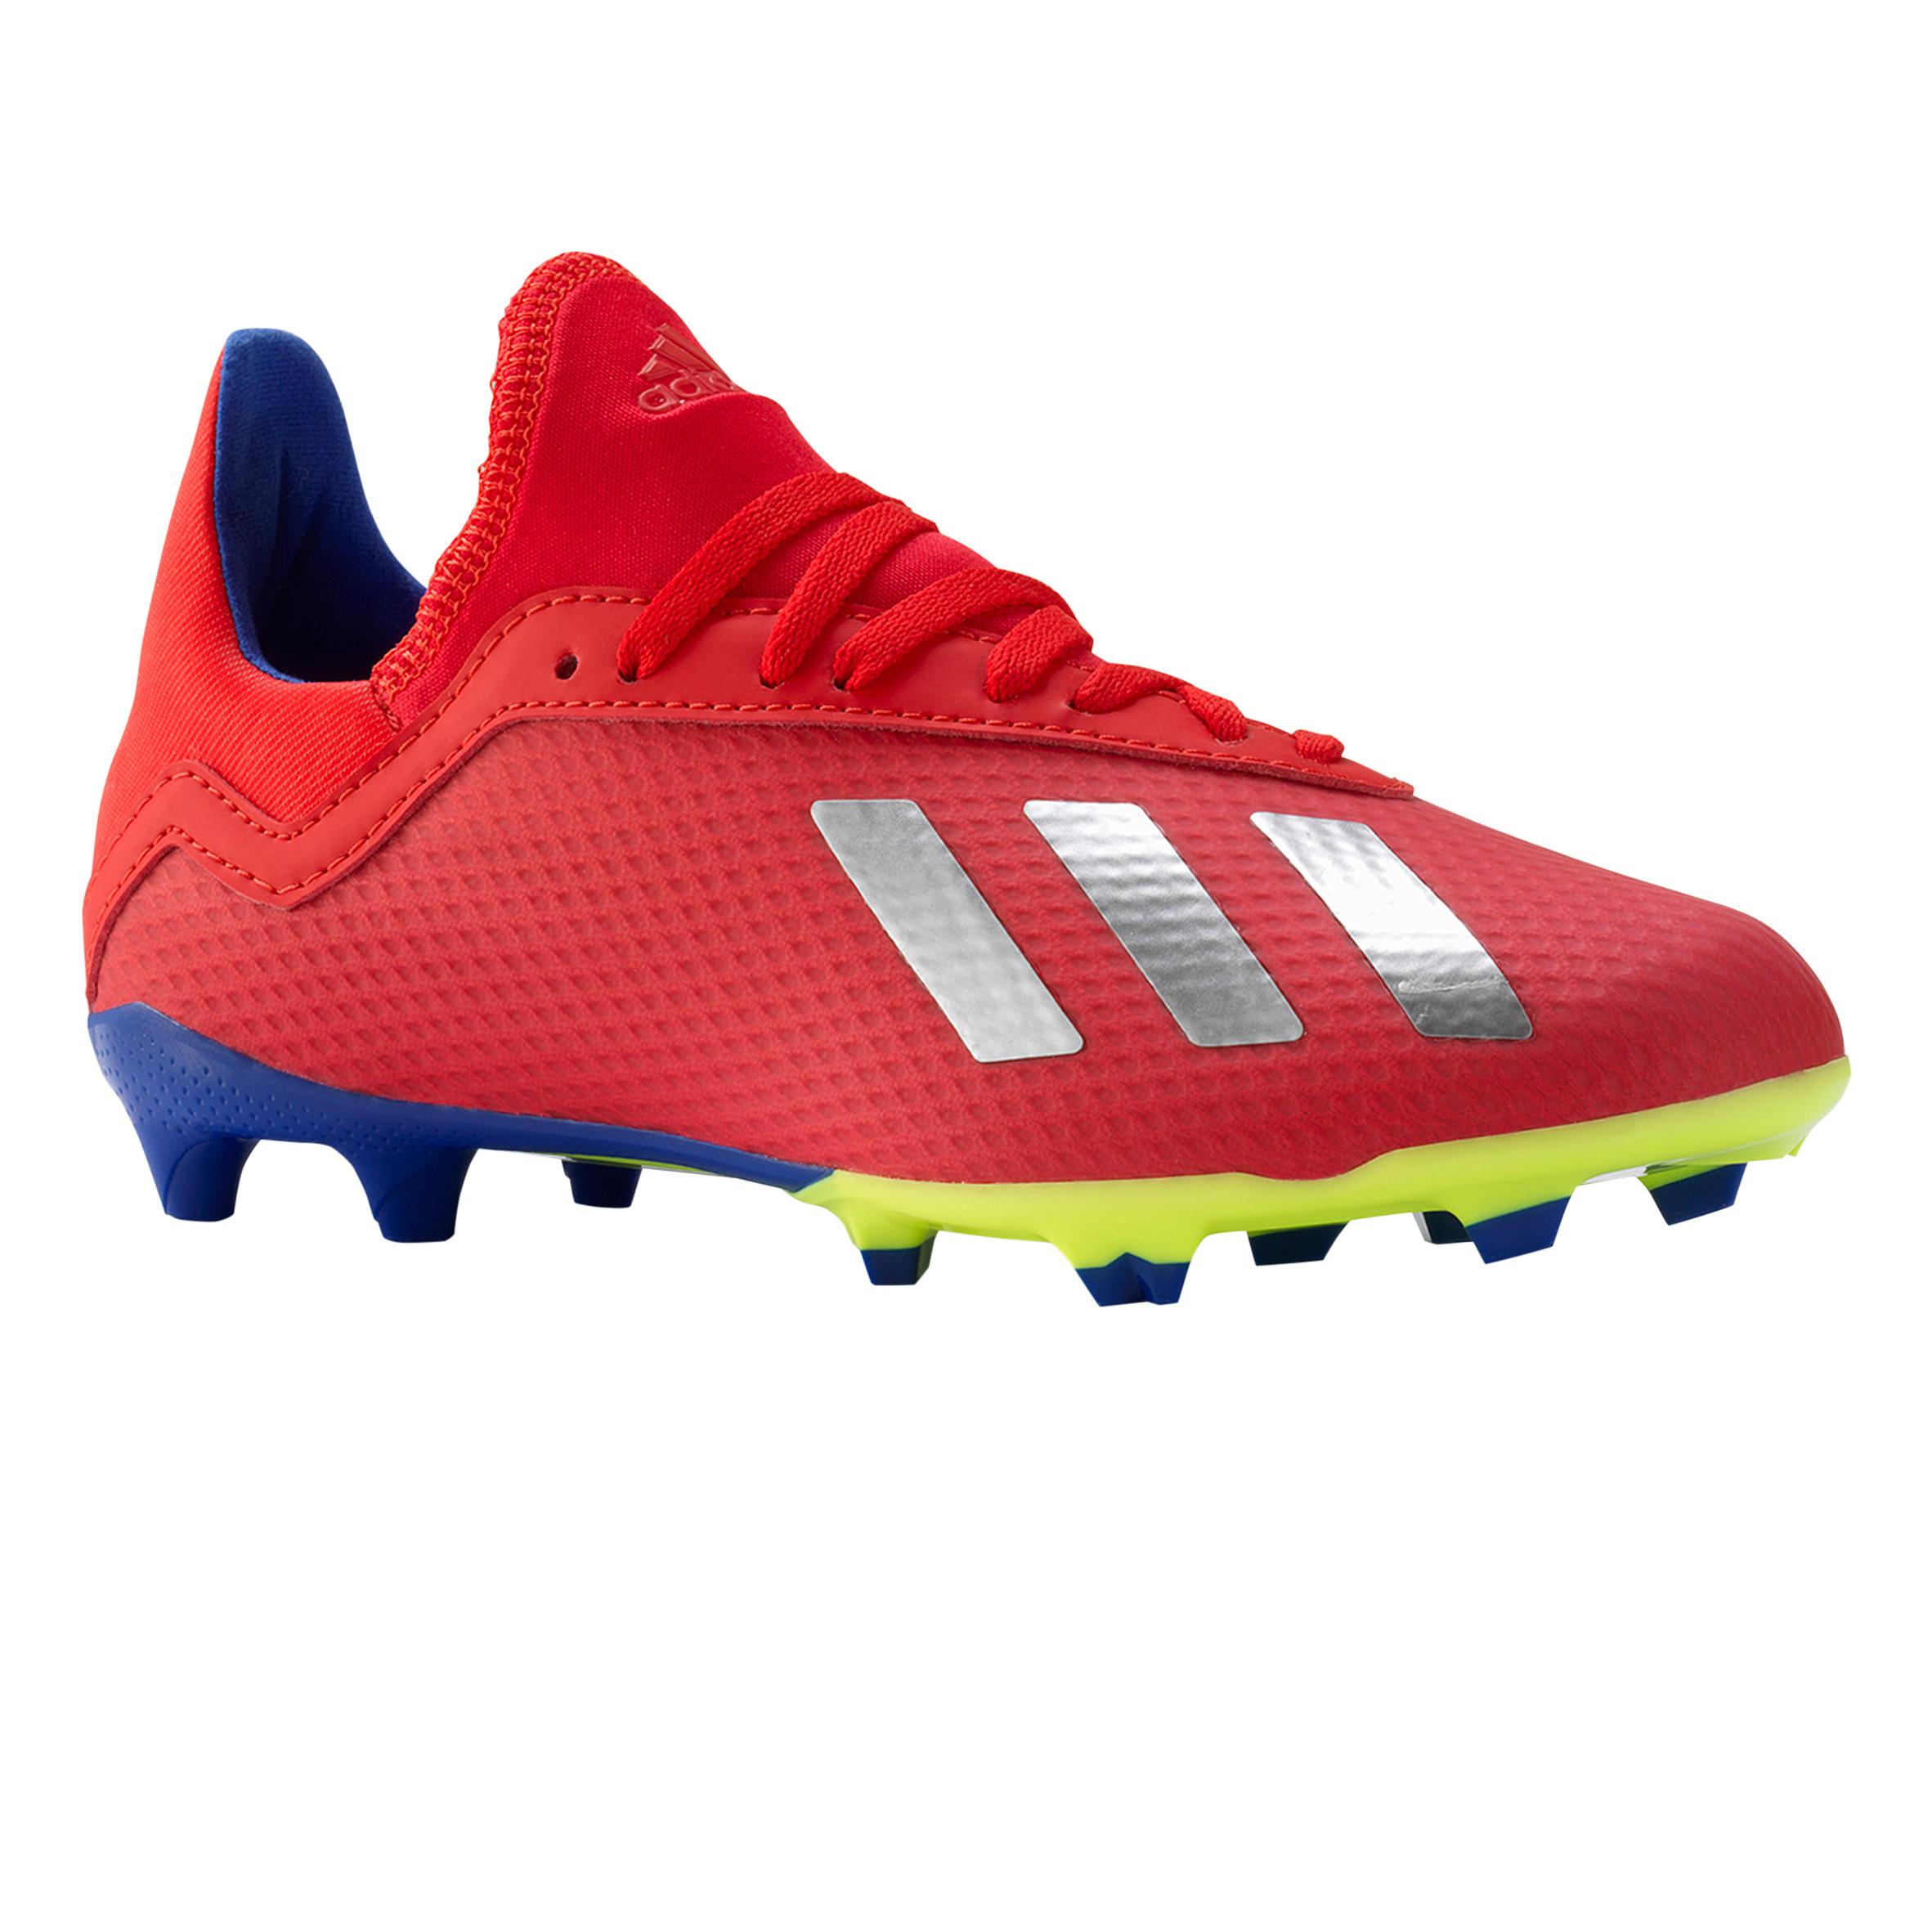 best website 465e1 8afd6 Vaste nop schoenen kopen ← Decathlon.nl  Beste prijs-kwalite